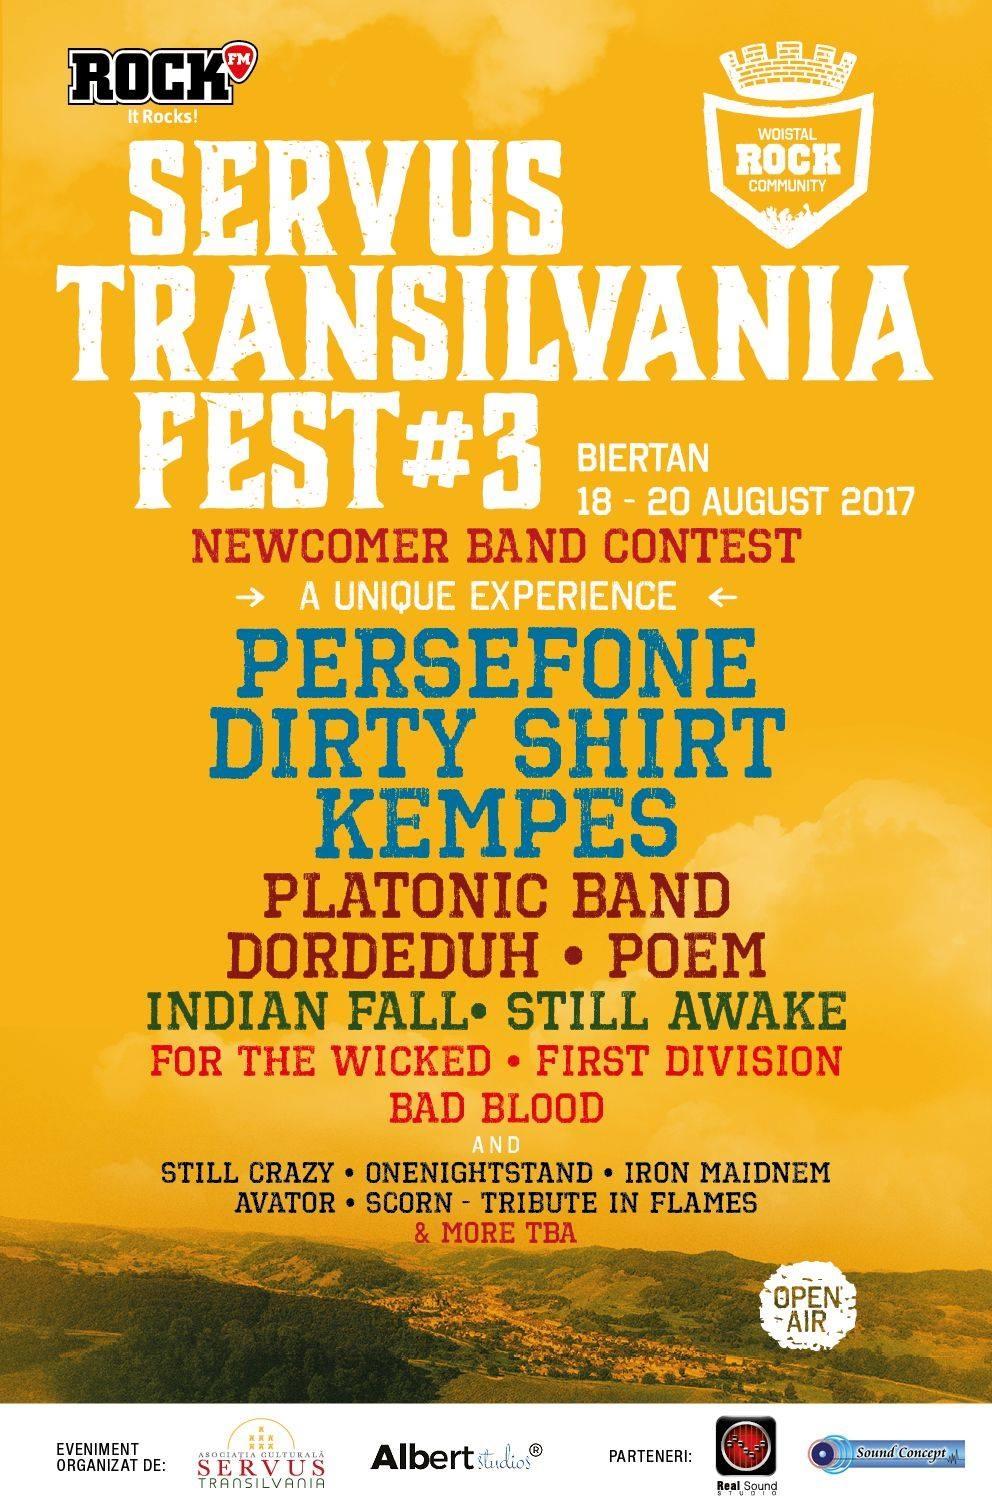 Premiile Newcomer Band Contest si noutati despre Servus Transilvania Fest #3